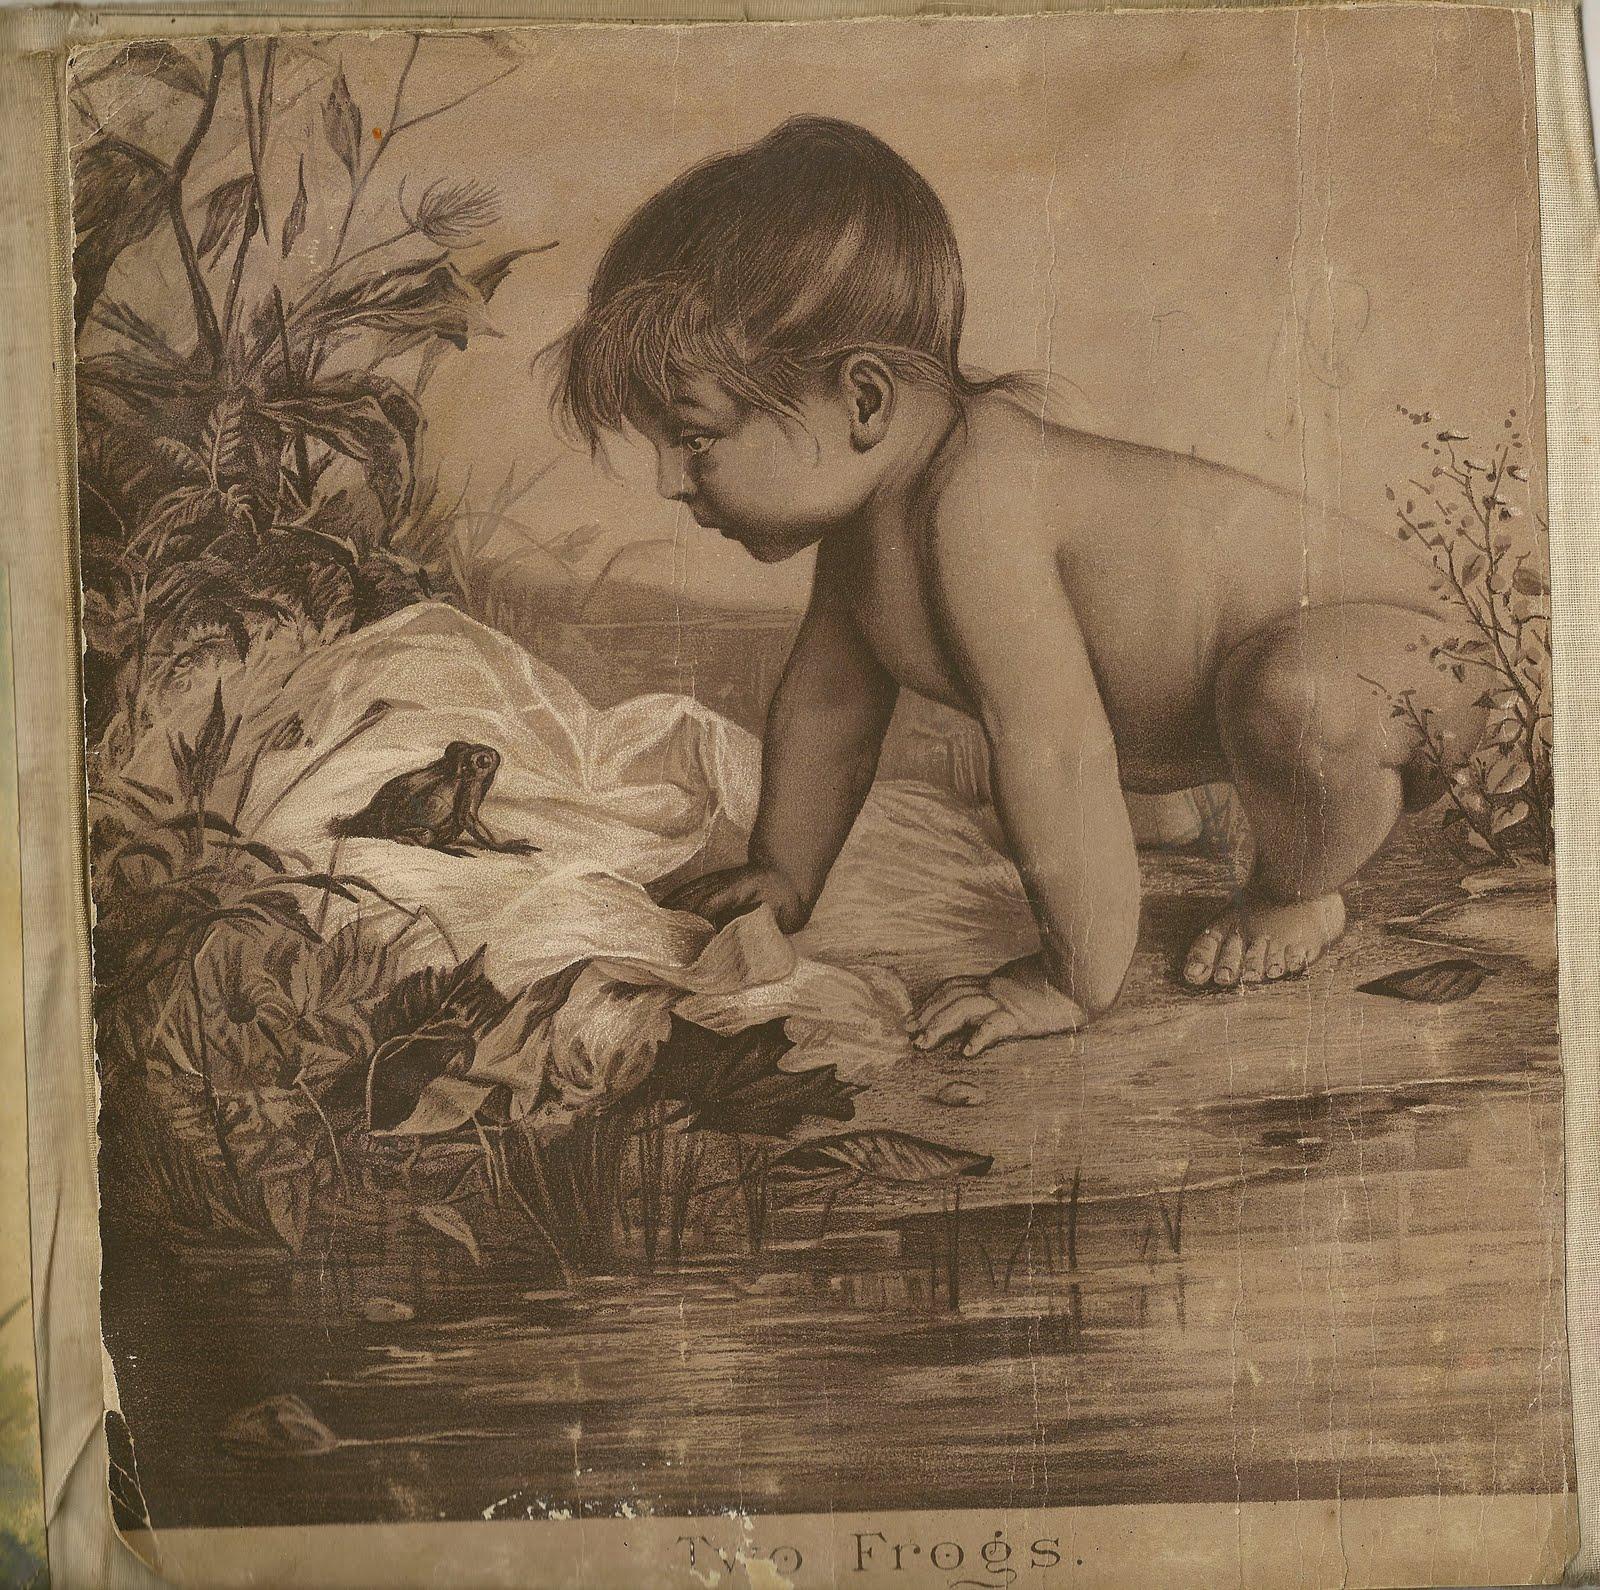 [babyfrog.JPG]